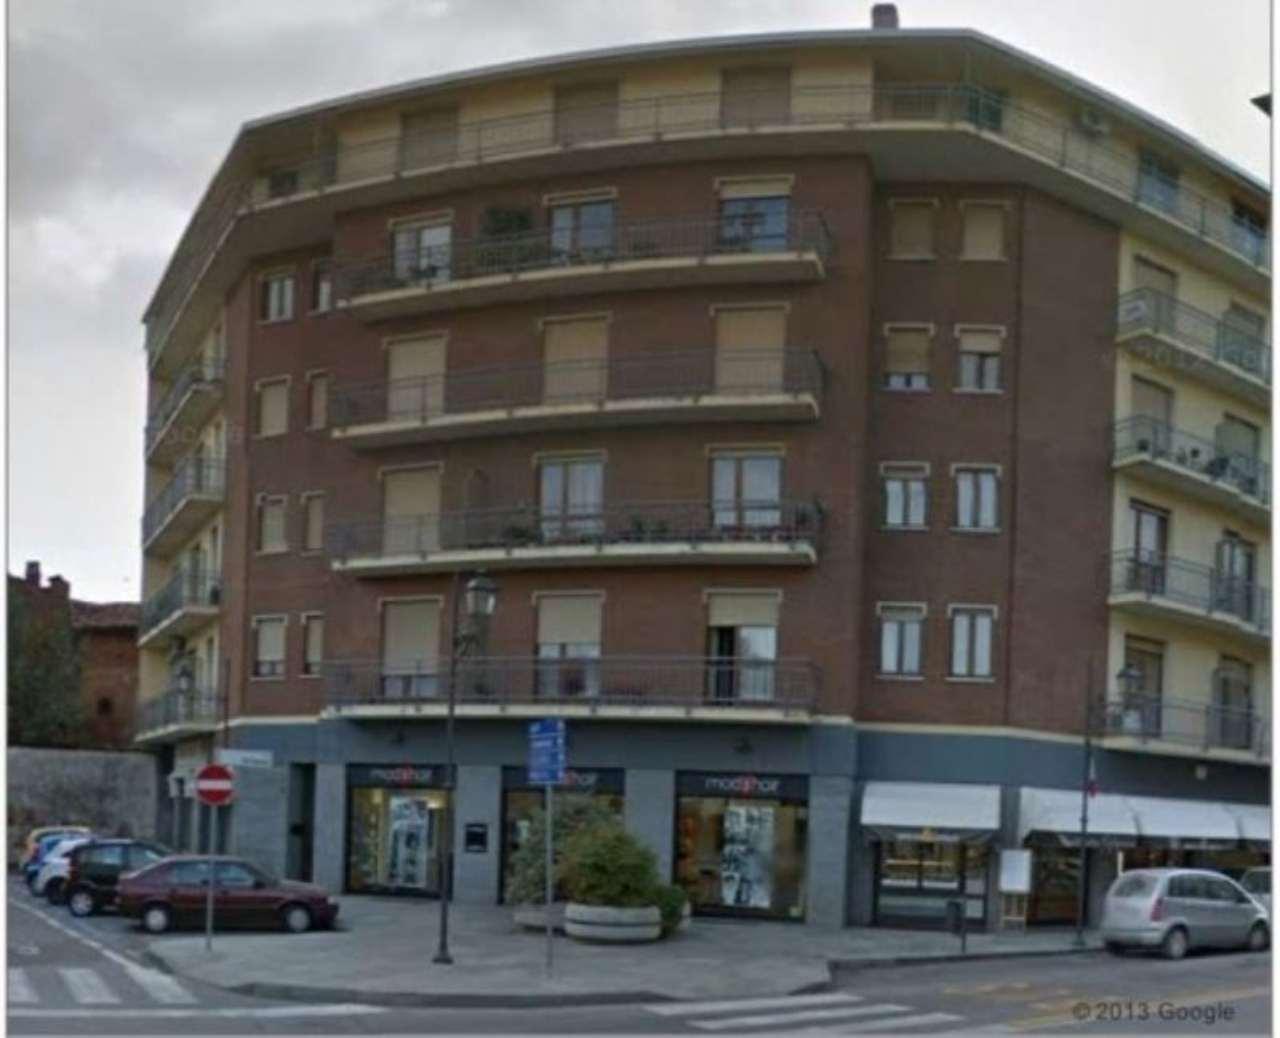 Negozio / Locale in vendita a Chieri, 2 locali, prezzo € 165.000 | CambioCasa.it